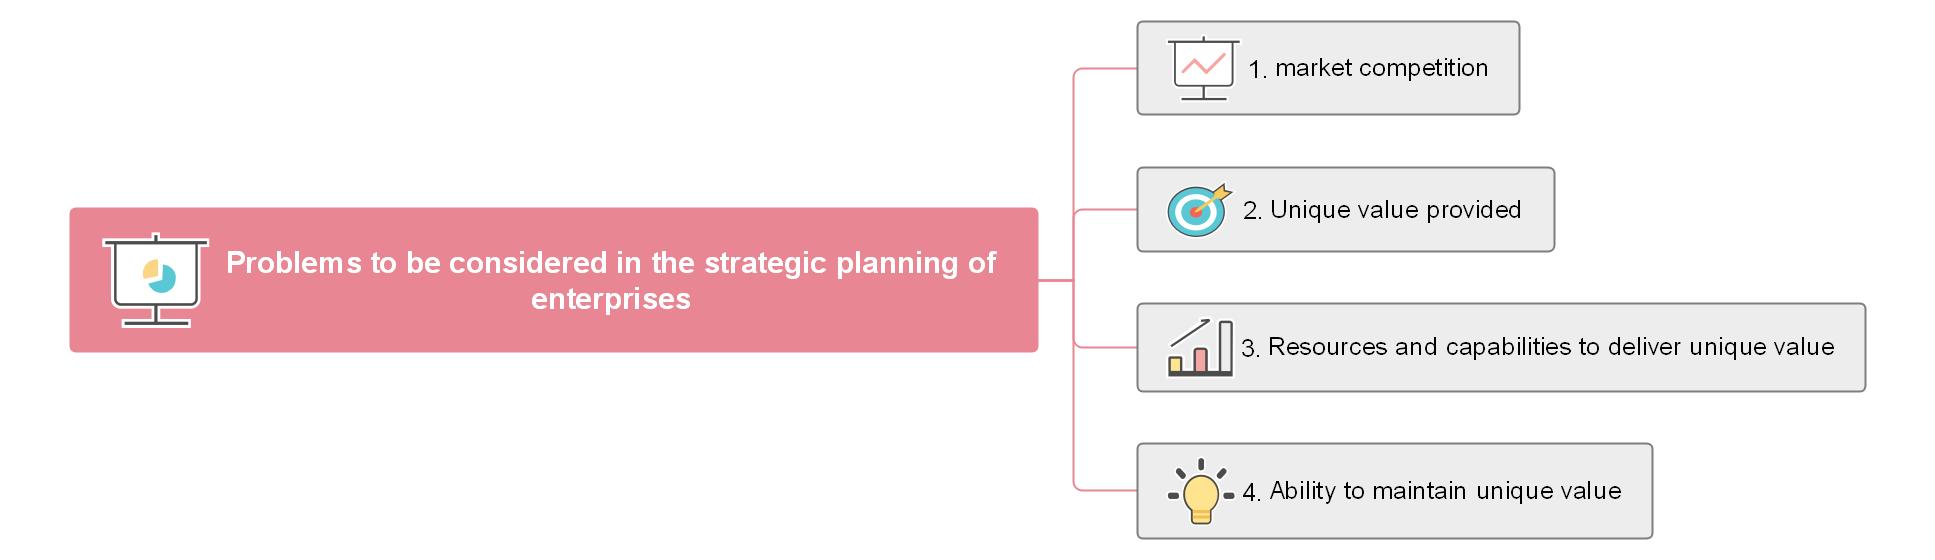 Einige Aspekte, die bei der strategischen Unternehmensplanung berücksichtigt werden müssen